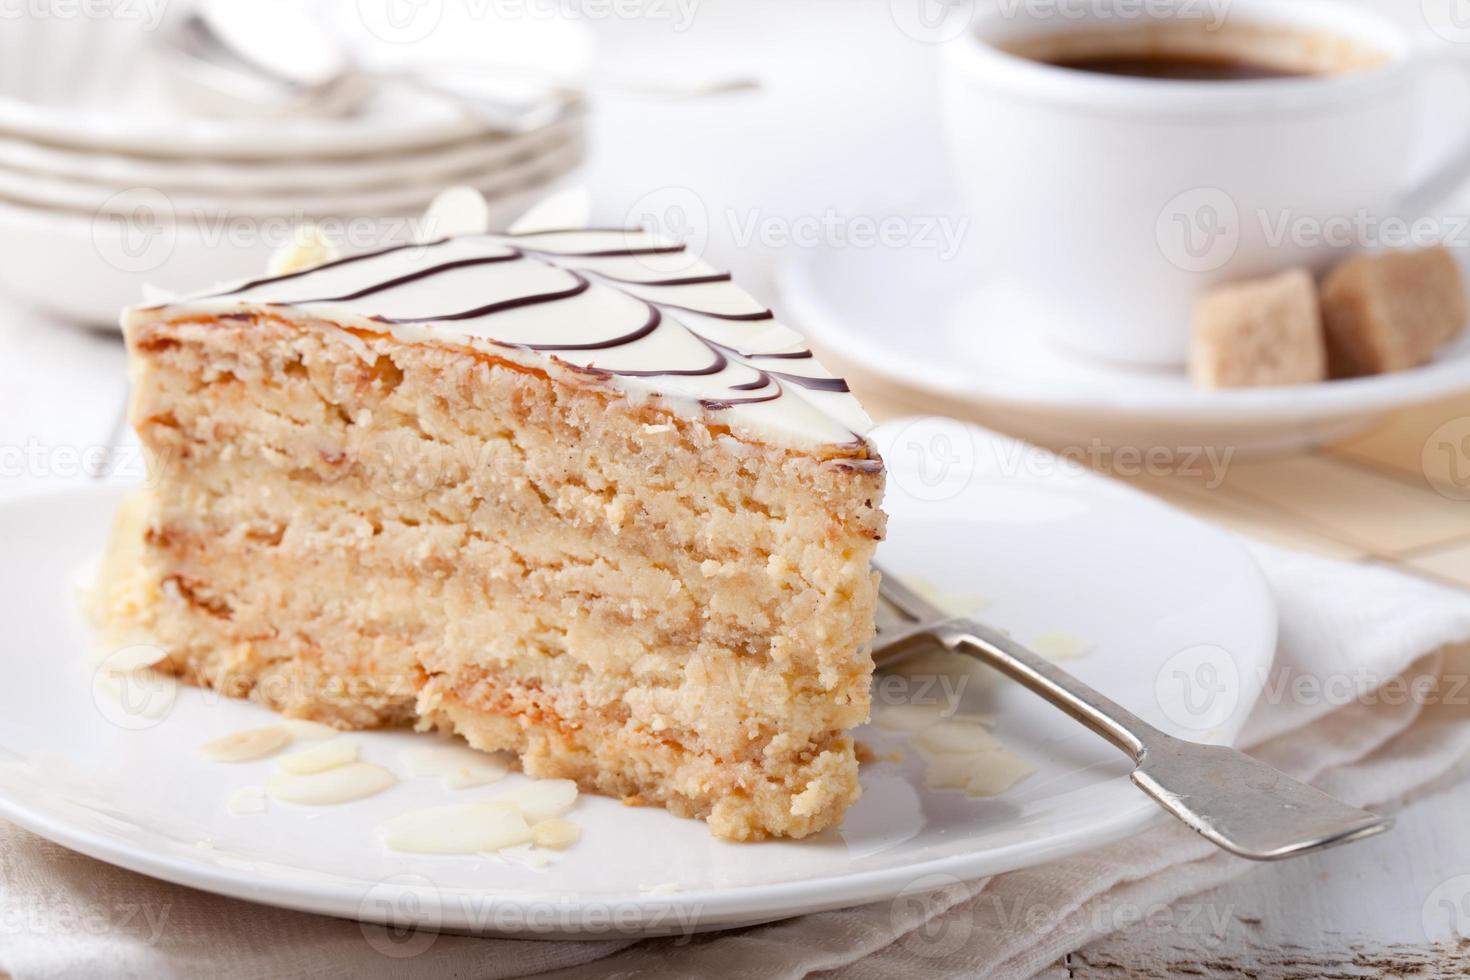 Gâteau traditionnel hongrois esterhazy avec tasse à café et cartes postales anciennes photo